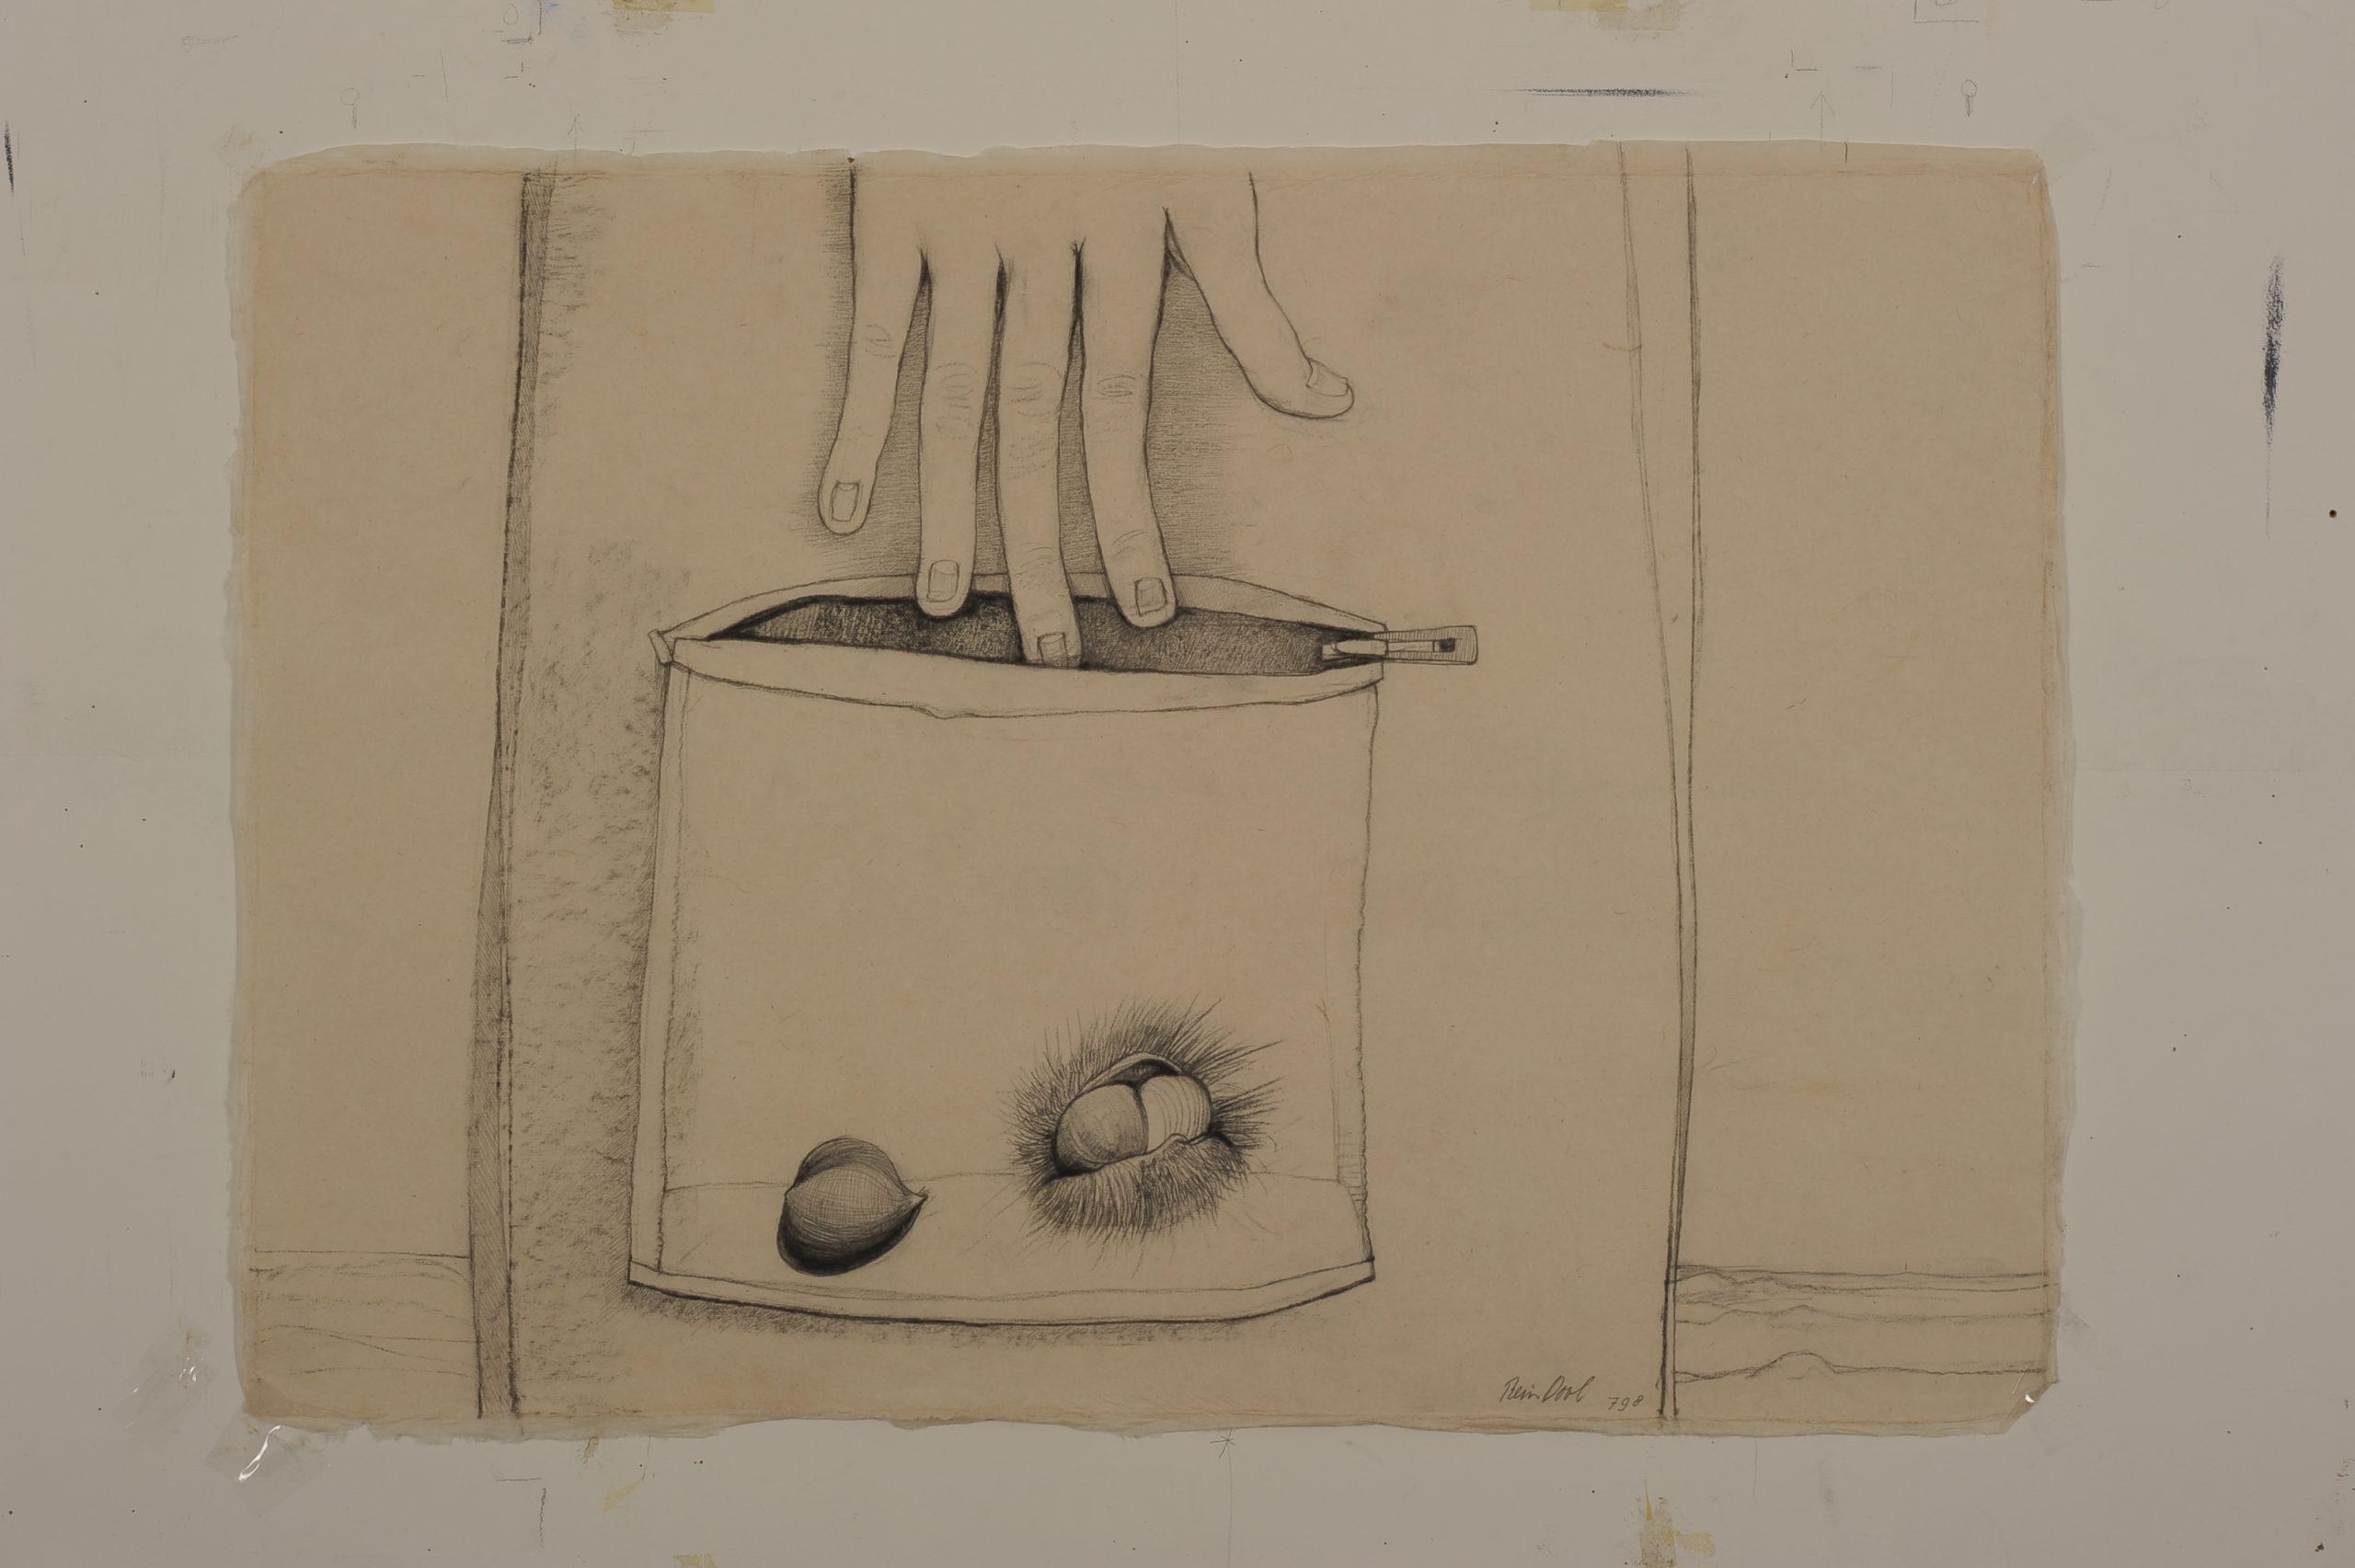 Wat een kastanje voor een ding is blz. 789 - Rein Dool, 70x100 cm. houtskool en potlood 2011